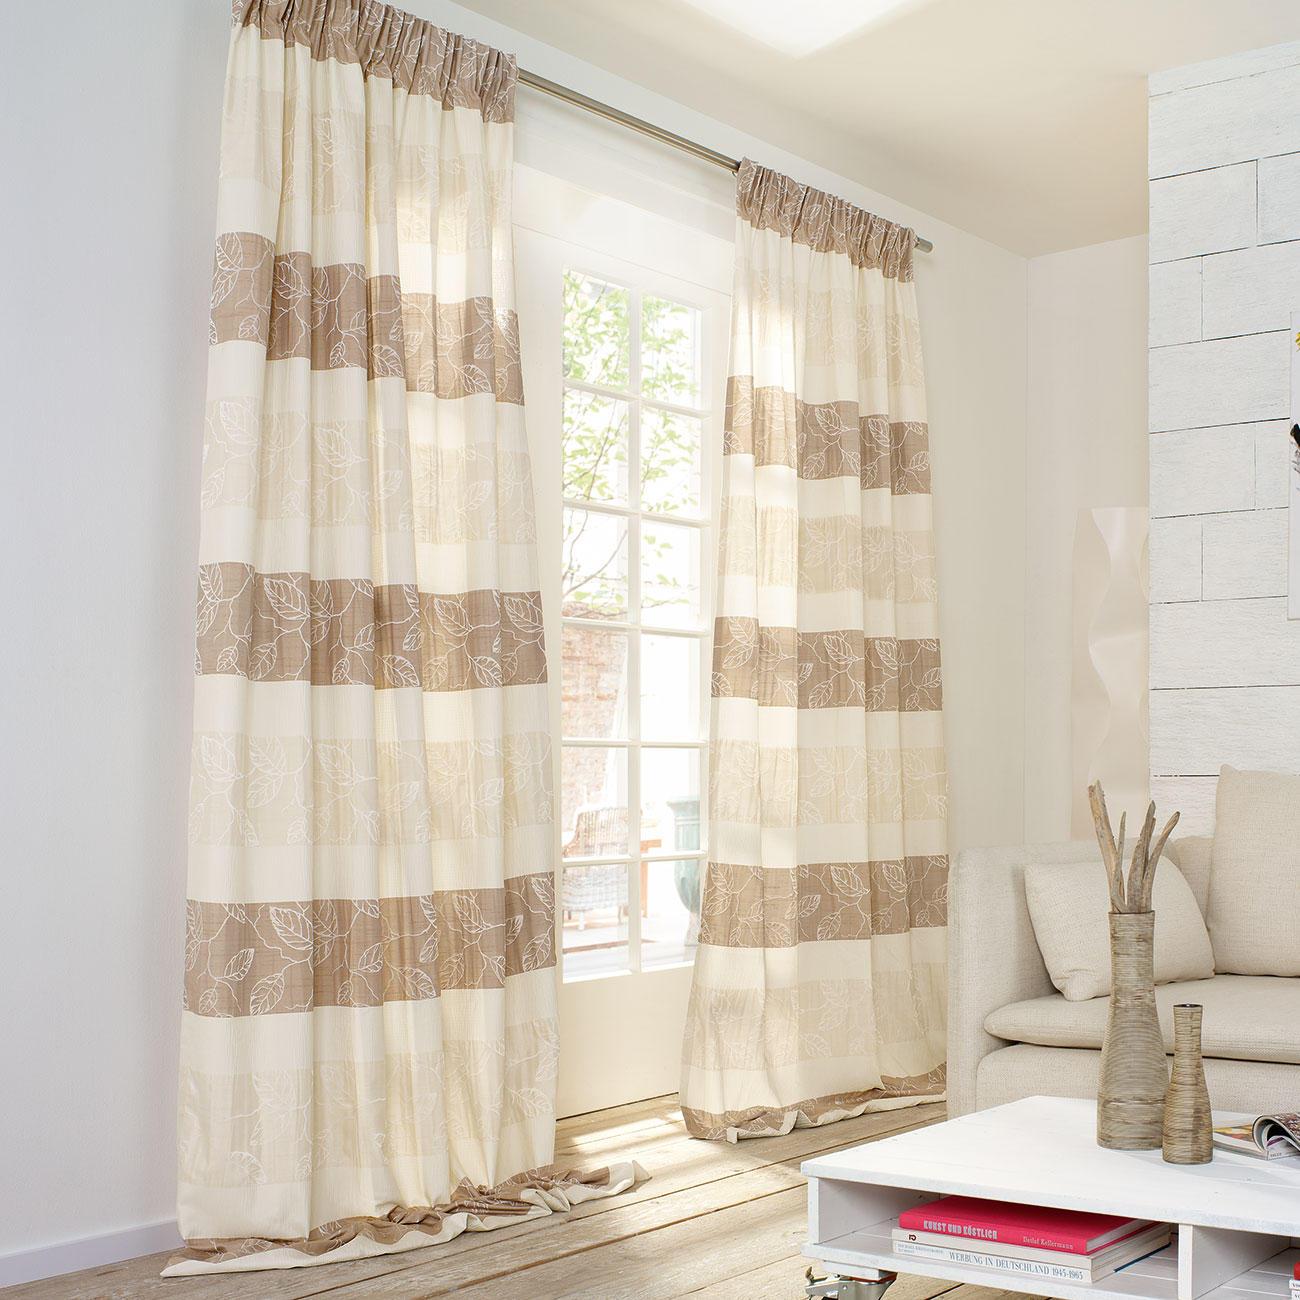 vorhang filo 1 vorhang 3 jahre garantie pro idee. Black Bedroom Furniture Sets. Home Design Ideas